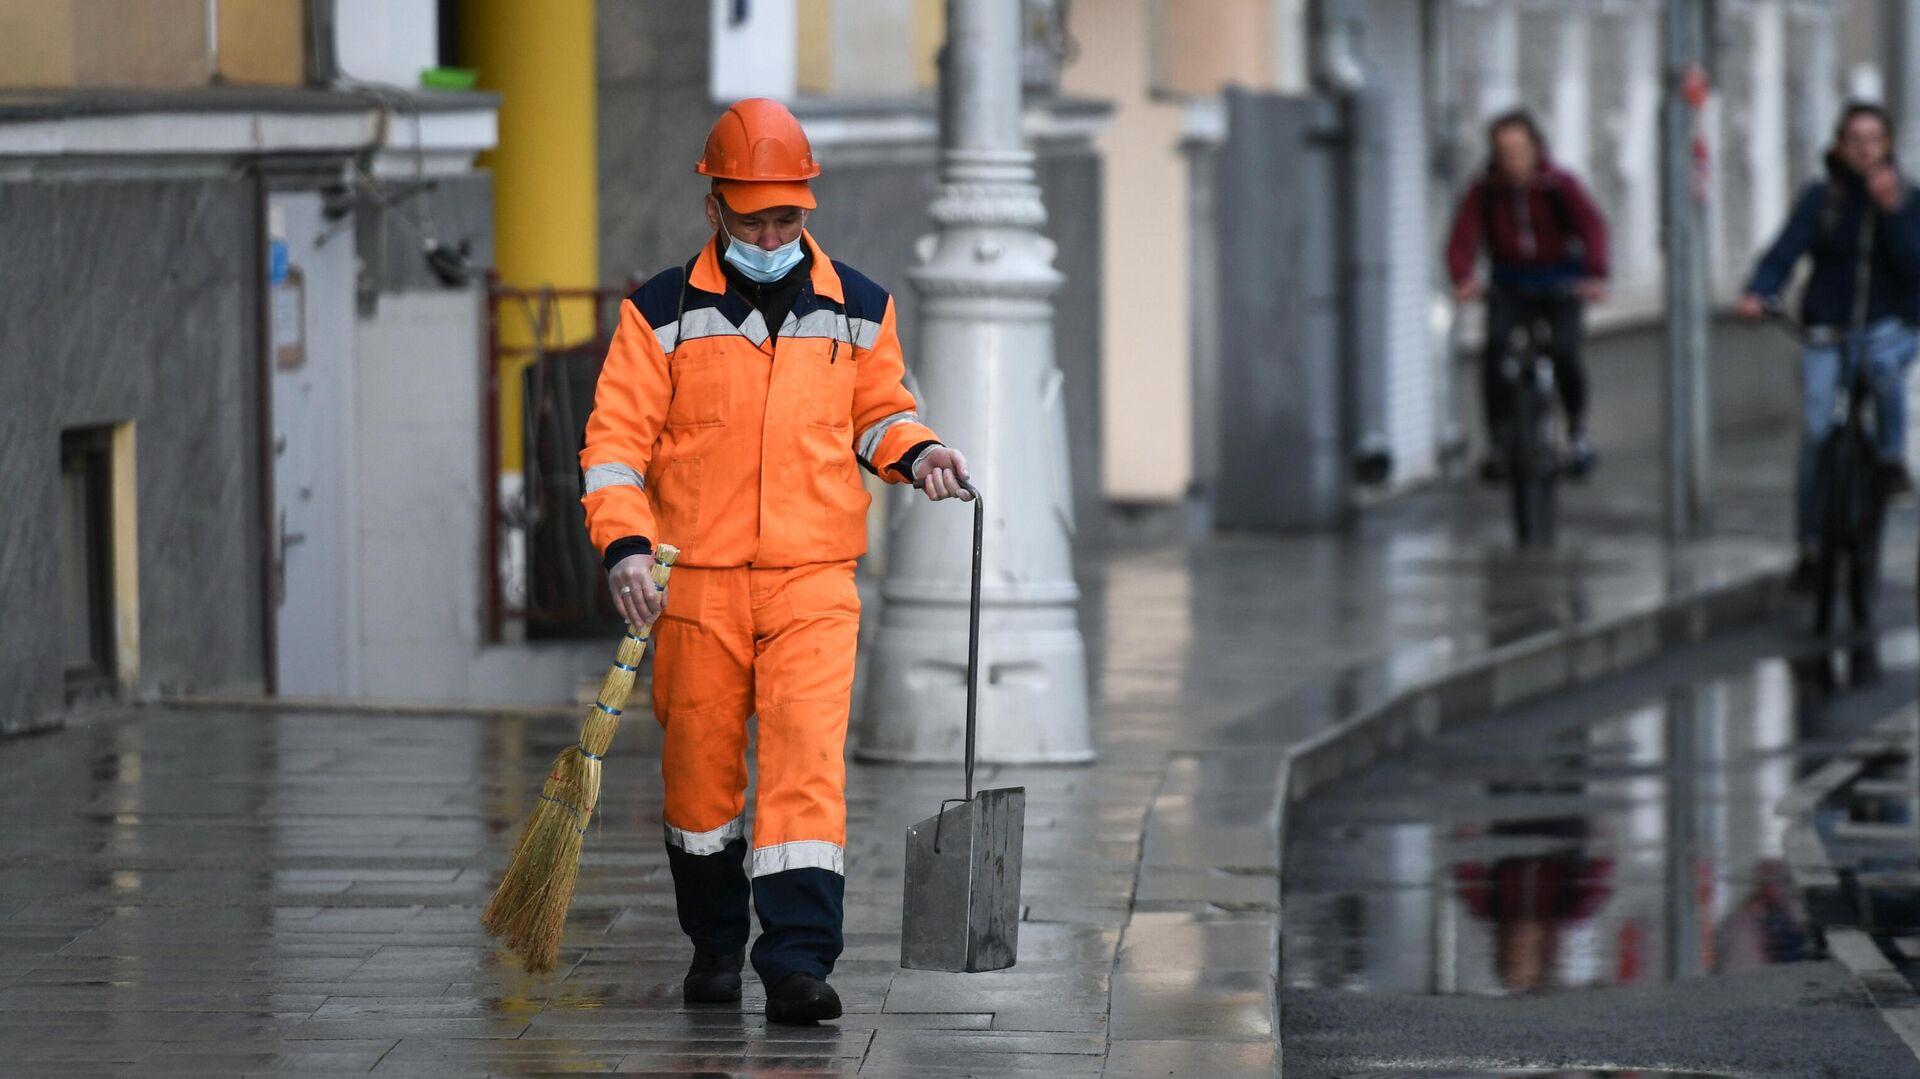 Сотрудник коммунальной службы убирает улицу в Москве - РИА Новости, 1920, 20.05.2021